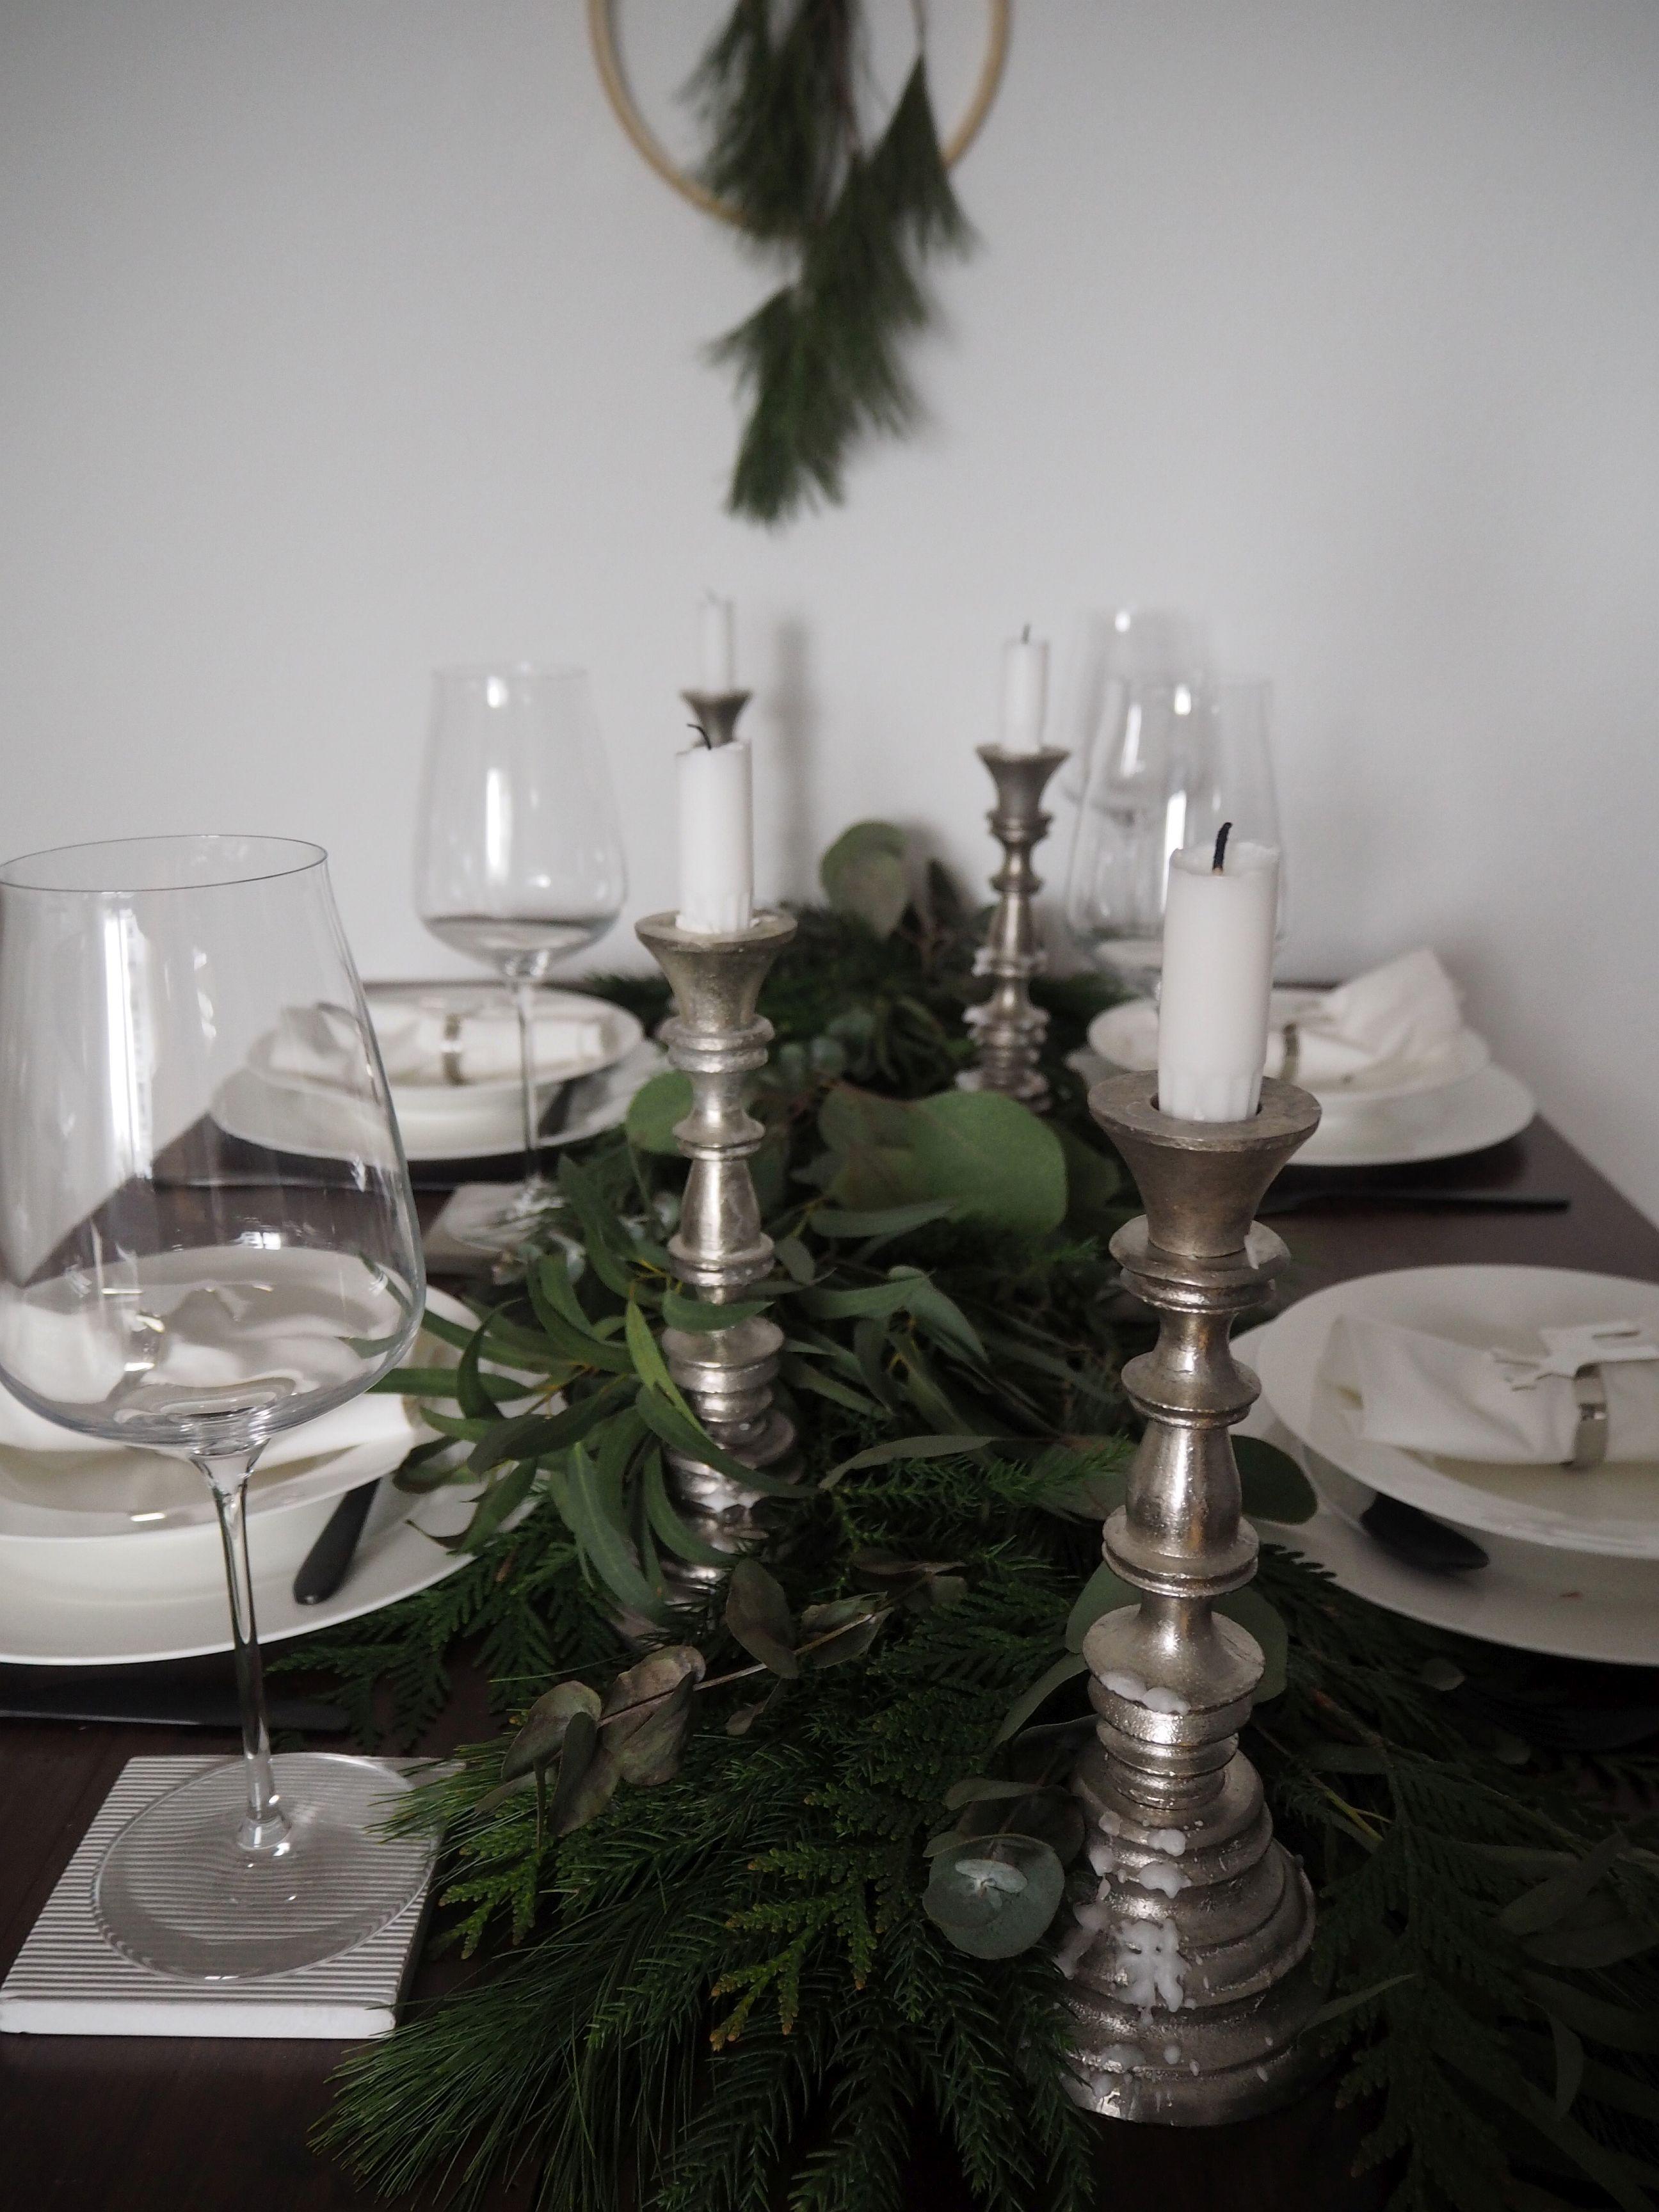 2017-12-skoen-och-kreativ-tischdeko-interior-schlichtes-skandinavisches-tablesetting-weihnachten (3 (14)